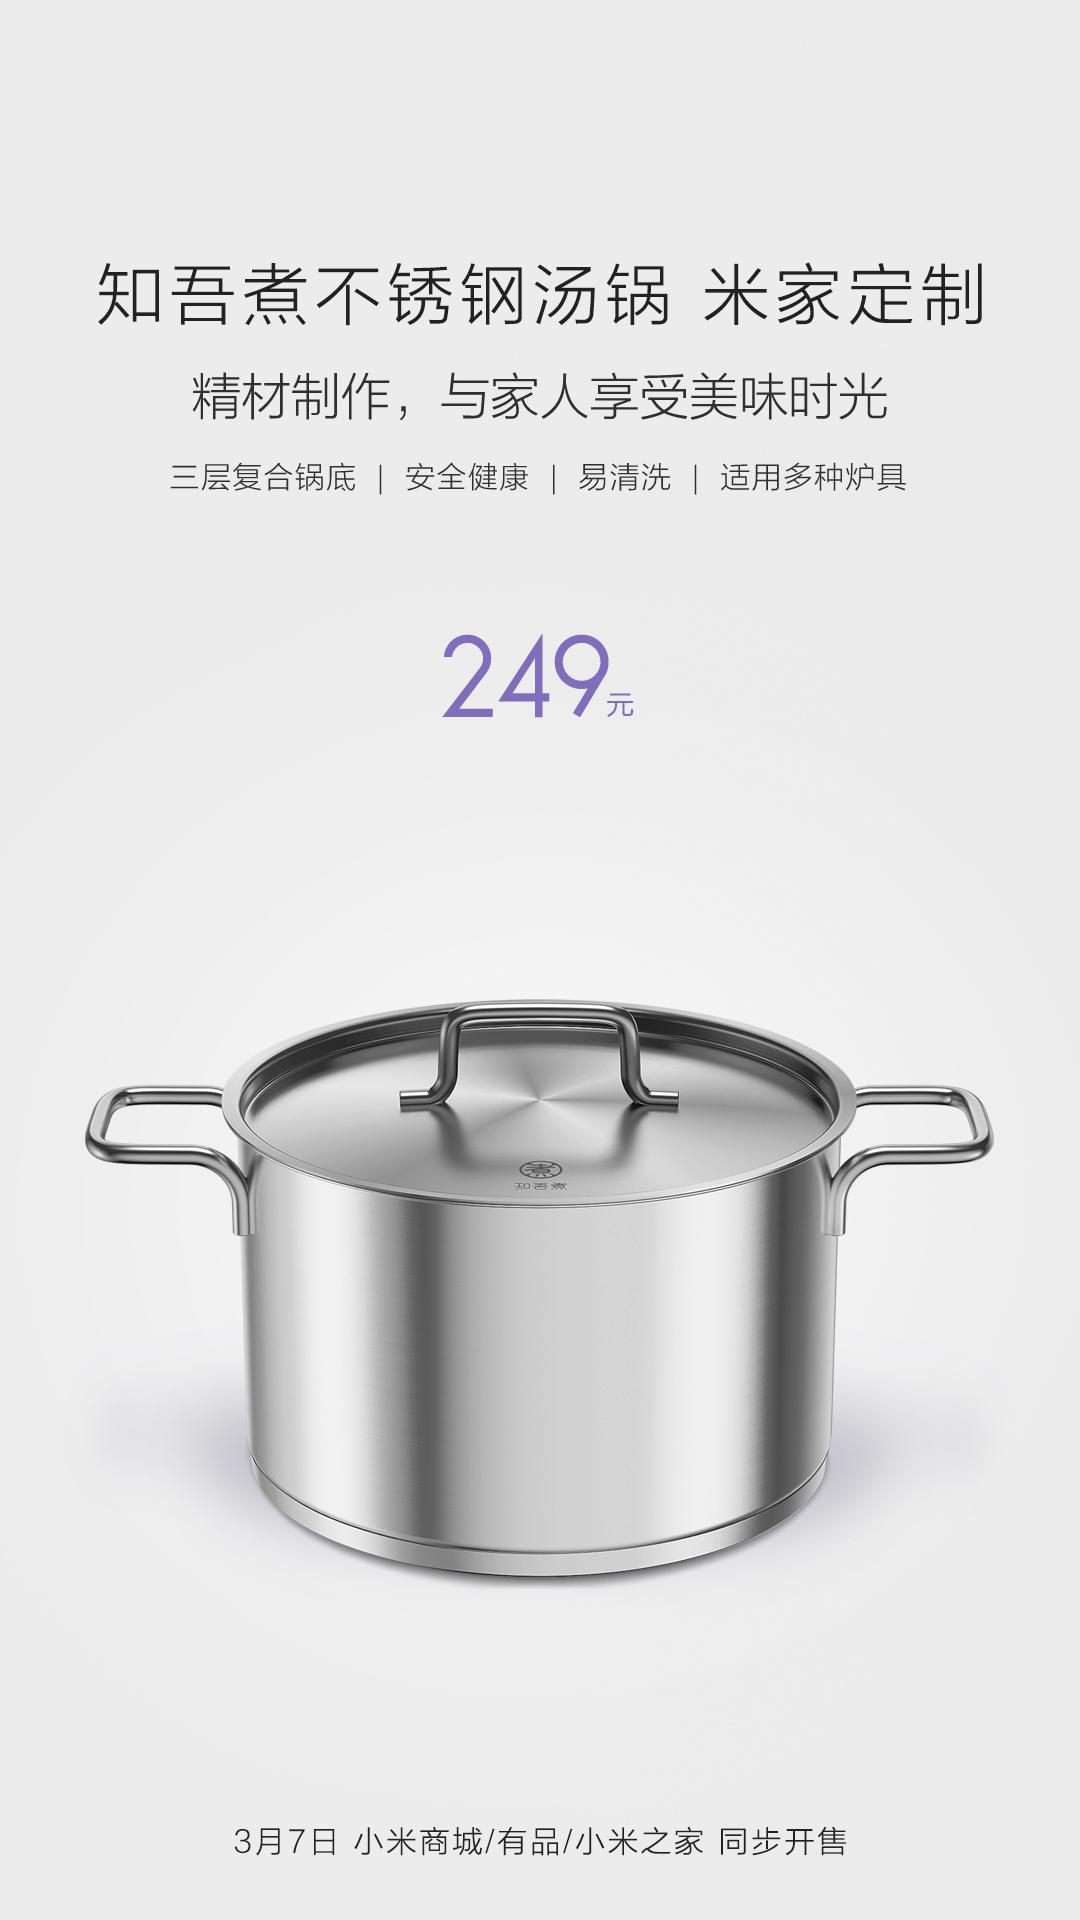 安全又健康 米家定制知吾煮不锈钢锅具发布